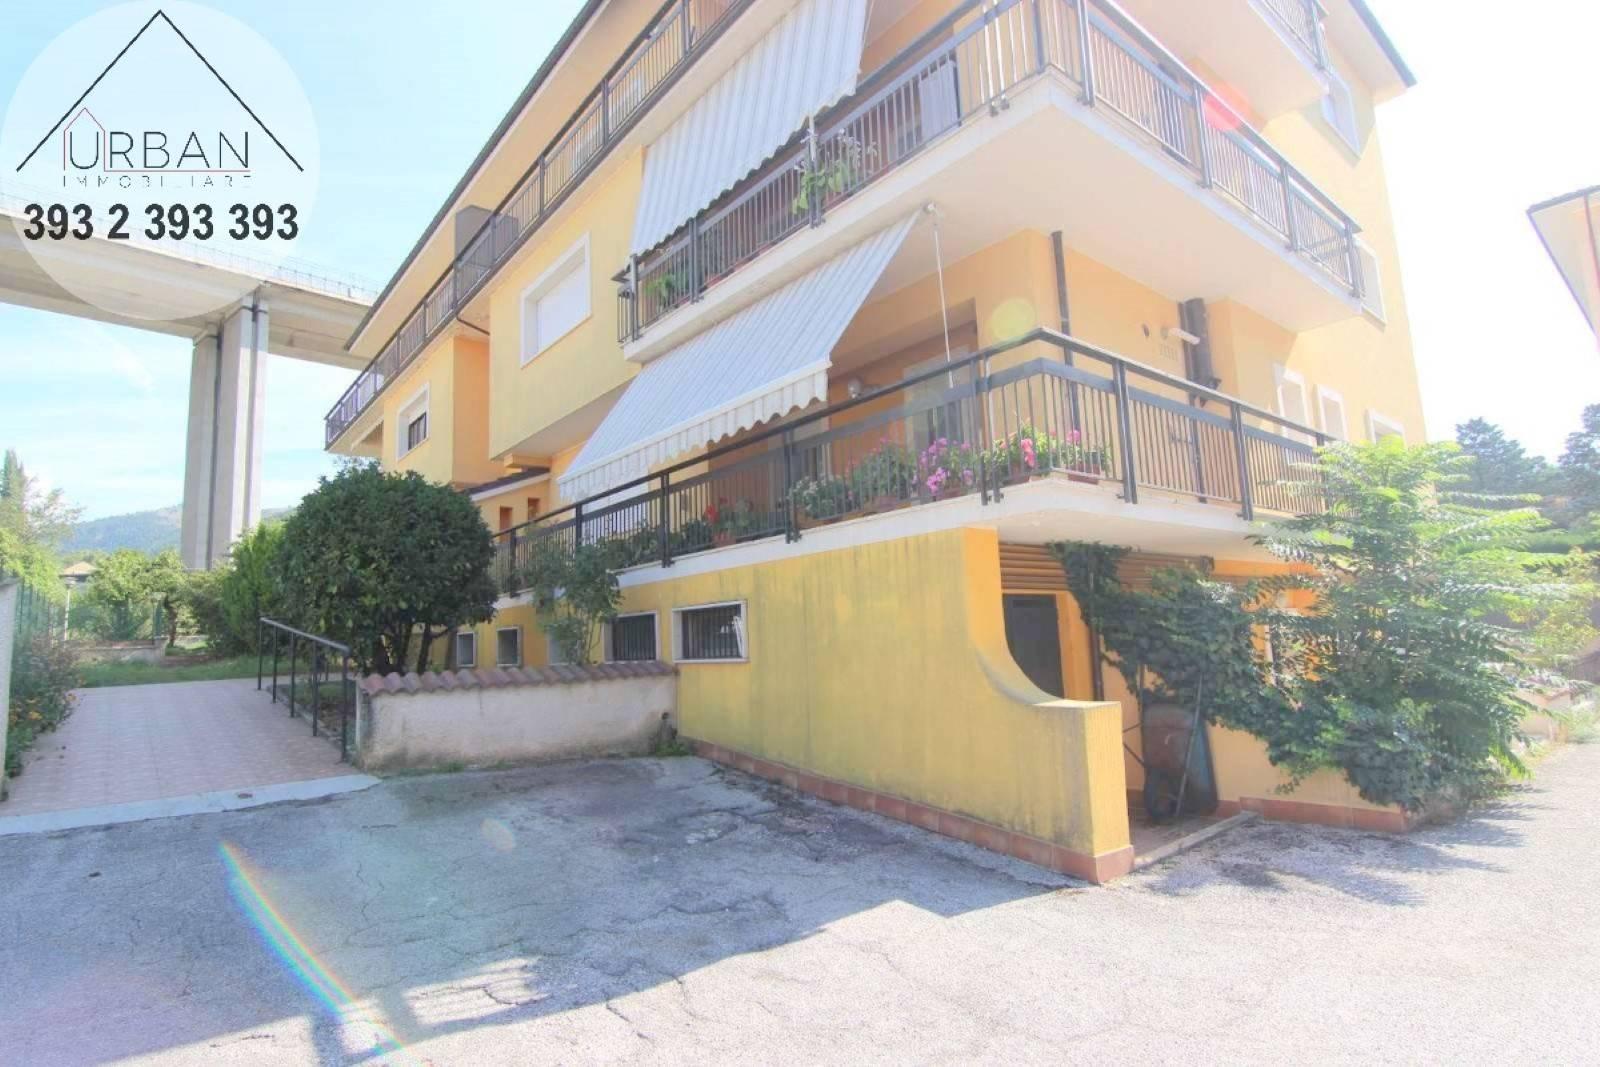 Appartamento in affitto a L'aquila (AQ)